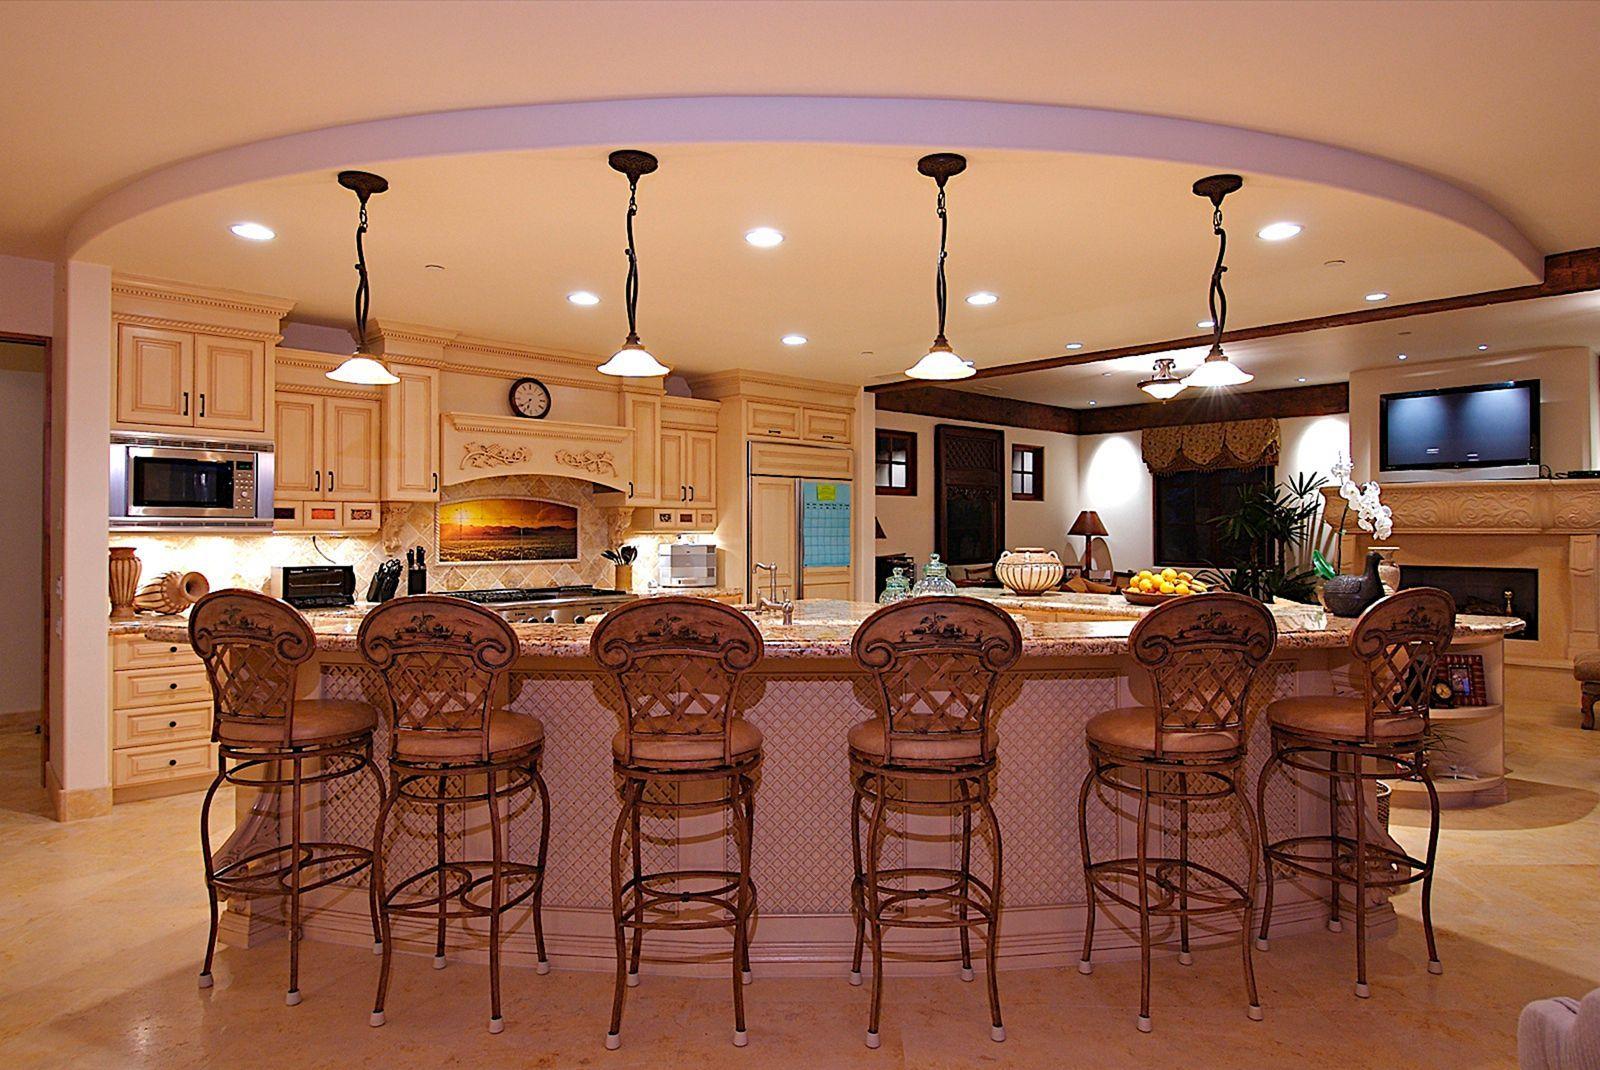 60 awesome kitchen countertop bar designs ideas for your elegant kitchen freshouz com on e kitchen ideas id=84588